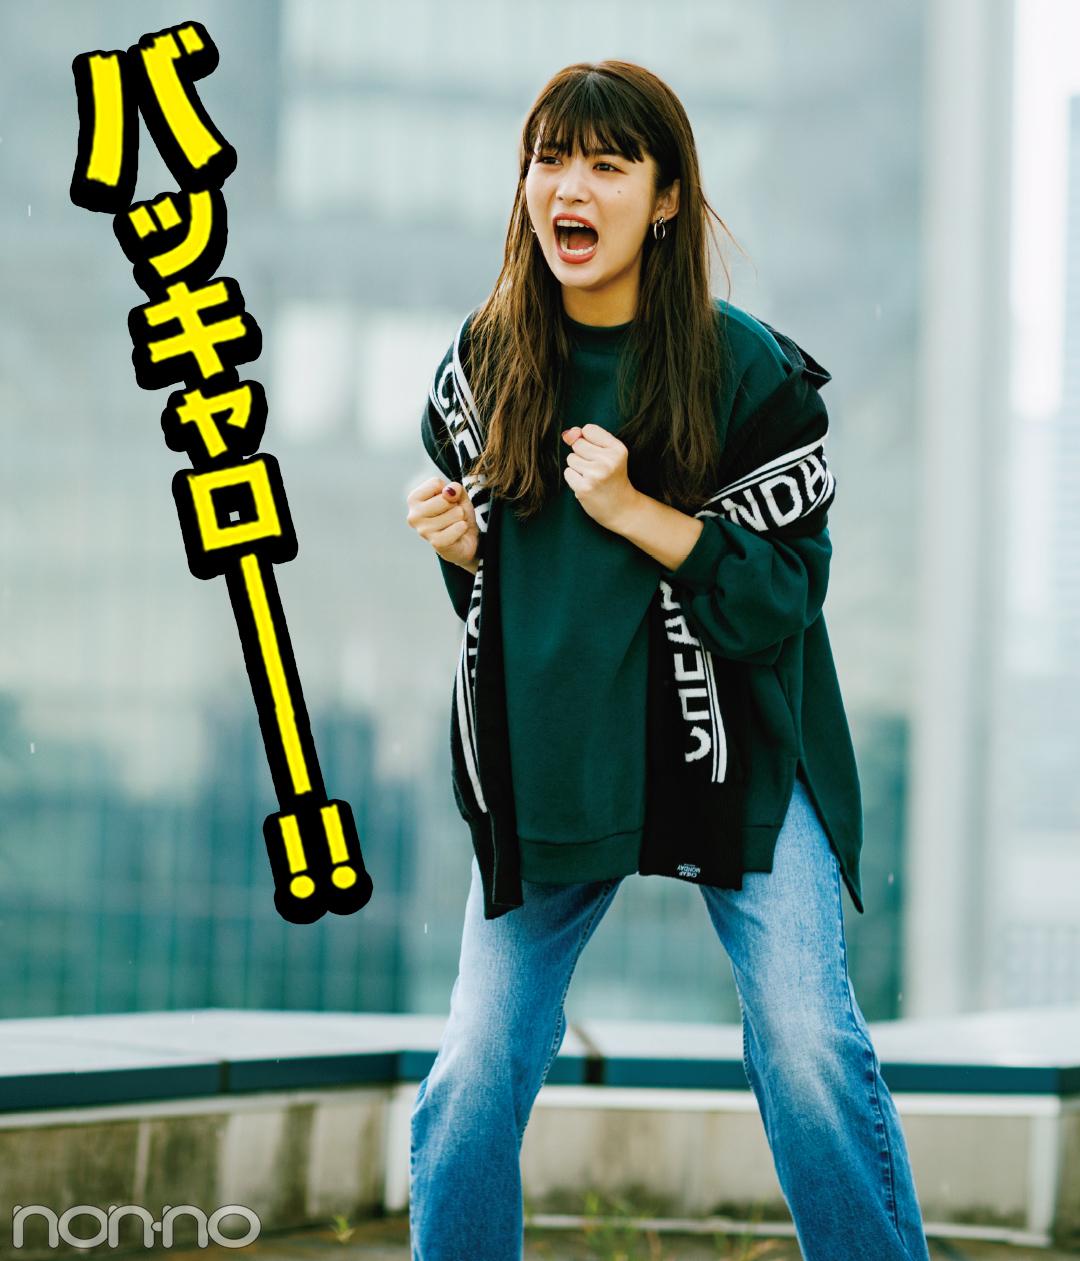 ふみかの主演ドラマに続け!? あるある★私のダメ恋供養!_1_2